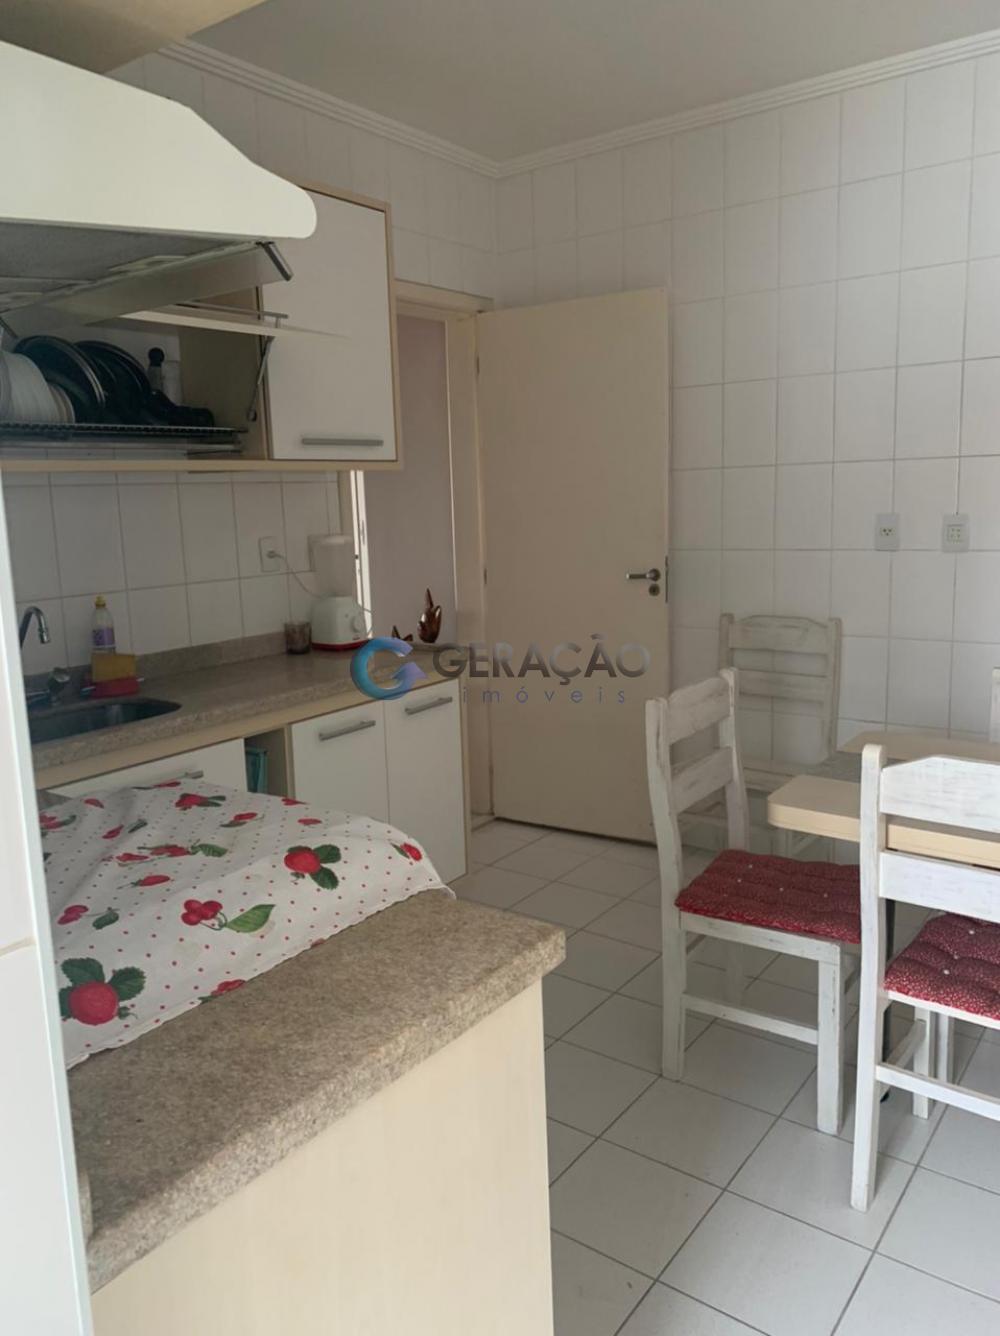 Comprar Apartamento / Padrão em São José dos Campos R$ 585.000,00 - Foto 8